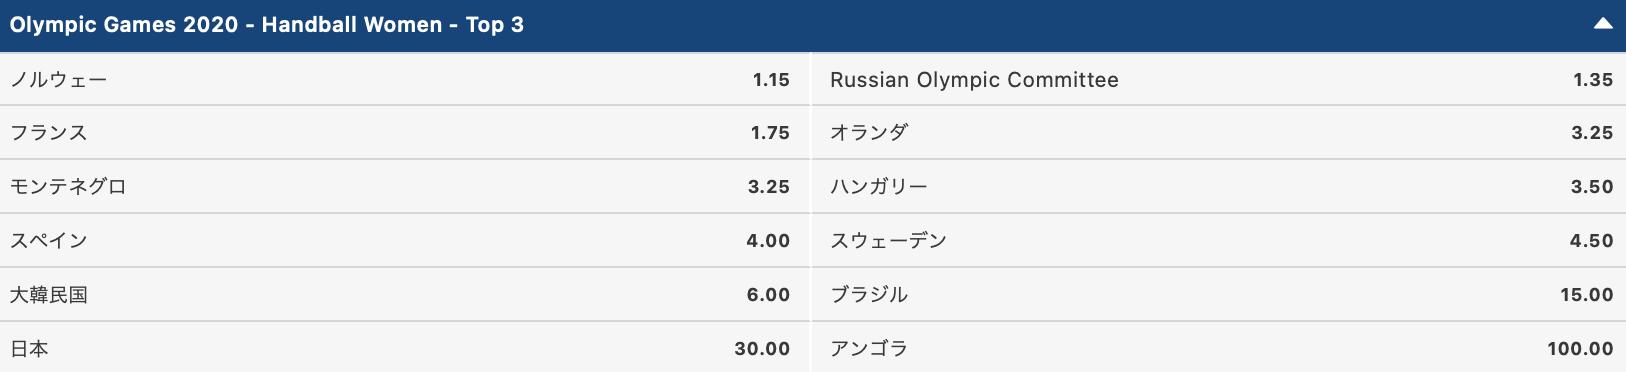 2020東京オリンピック女子ハンドボールメダル獲得予想評価